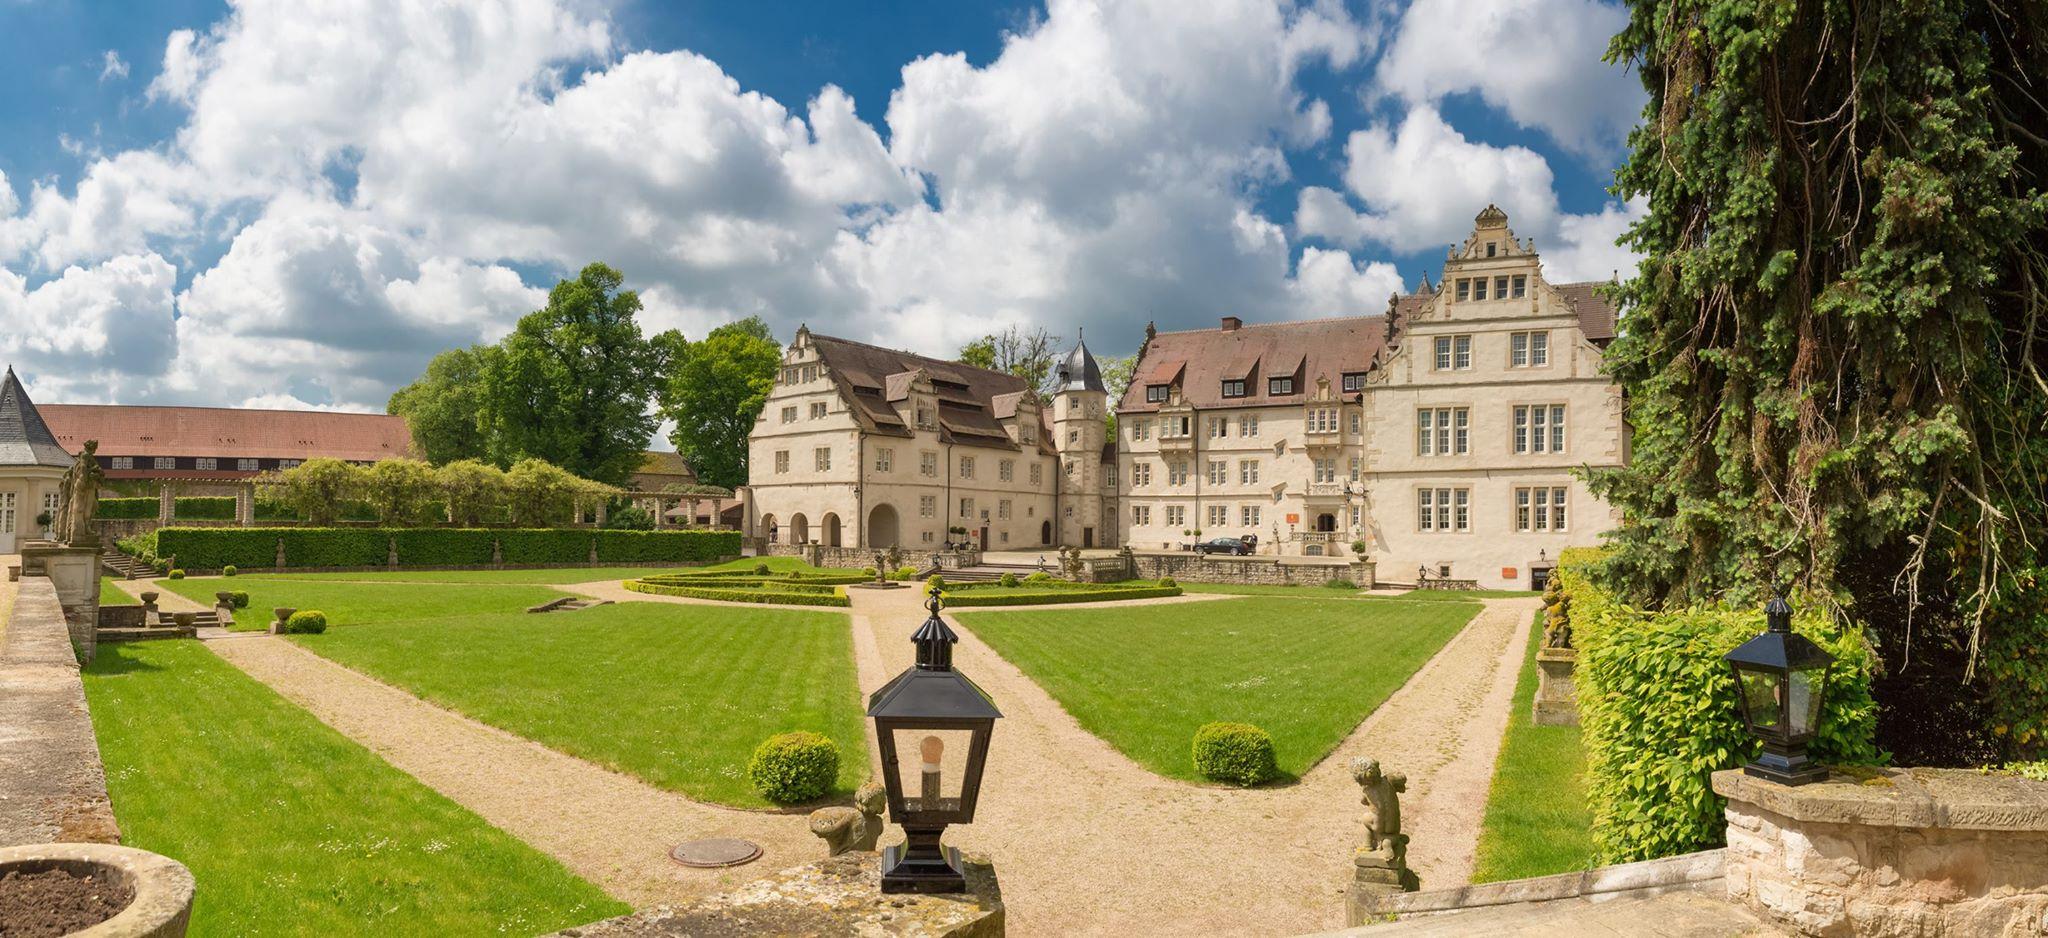 hoteles castillo Schlosshotel Münchhausen